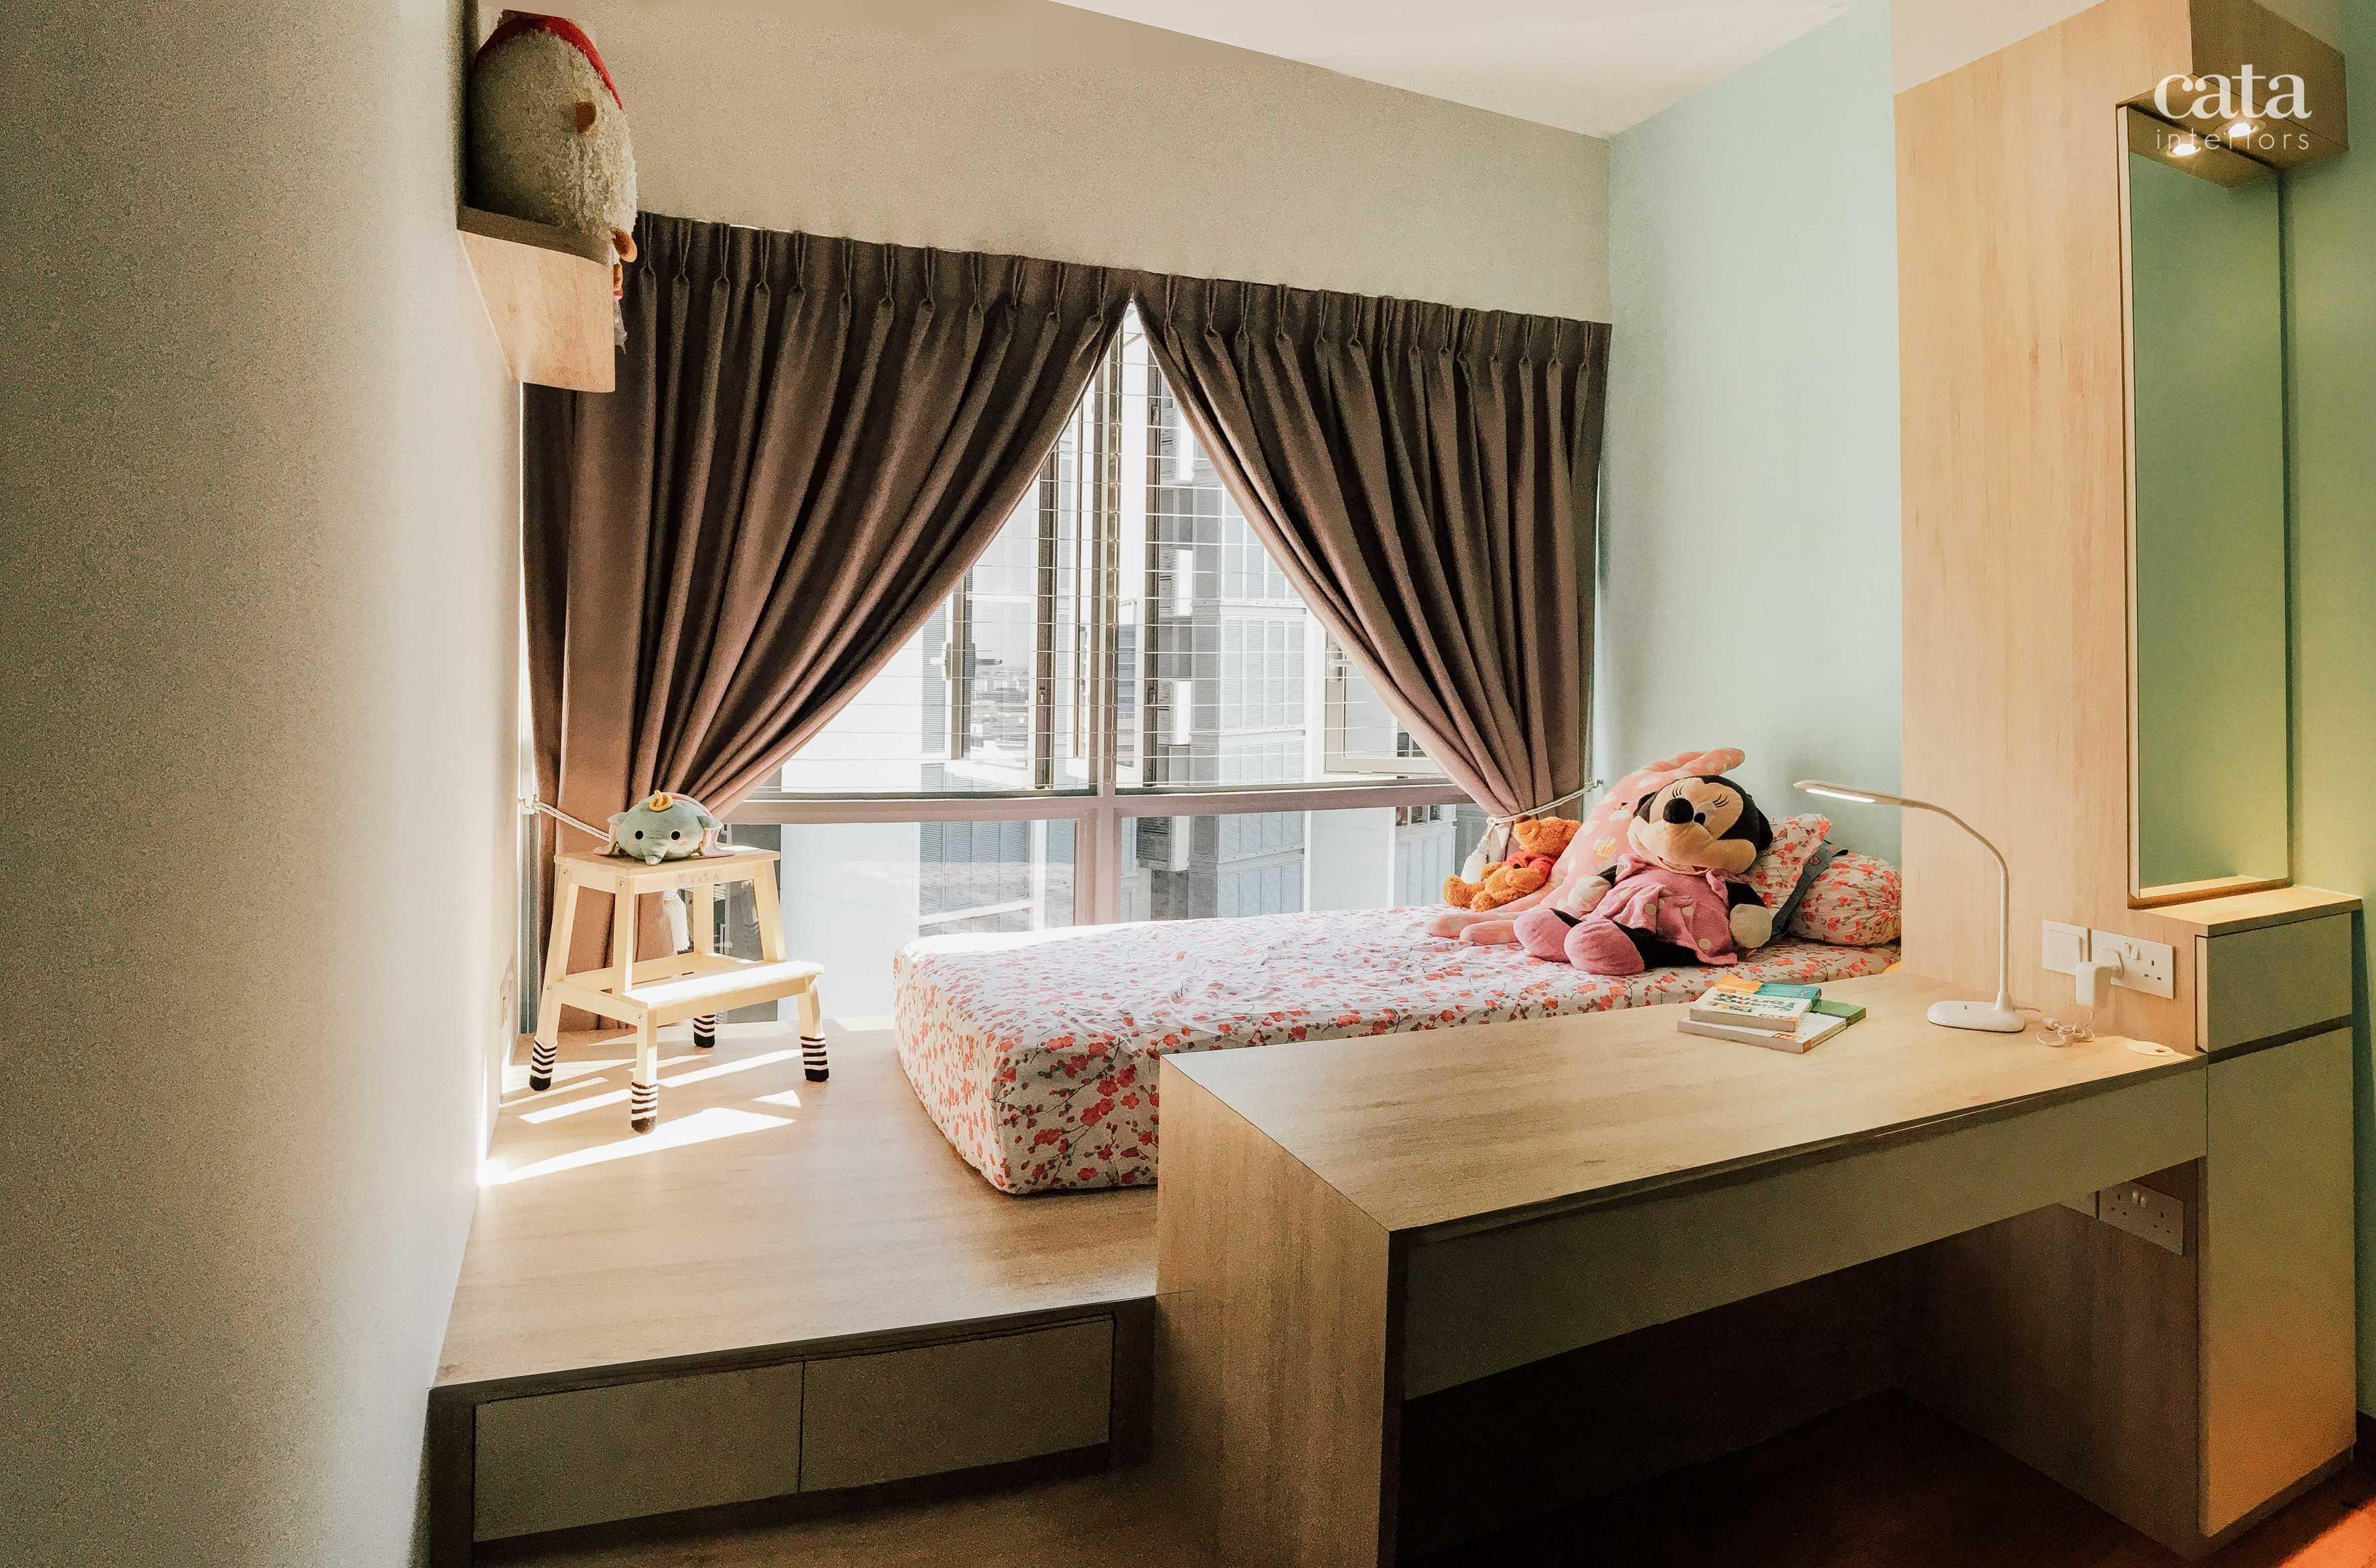 Cata Interiors Hillsta Condominium, Singapore Phoenix Rd, Singapura Phoenix Rd, Singapura Cata-Interiors-Hillsta-Condominium-Singapore   100314